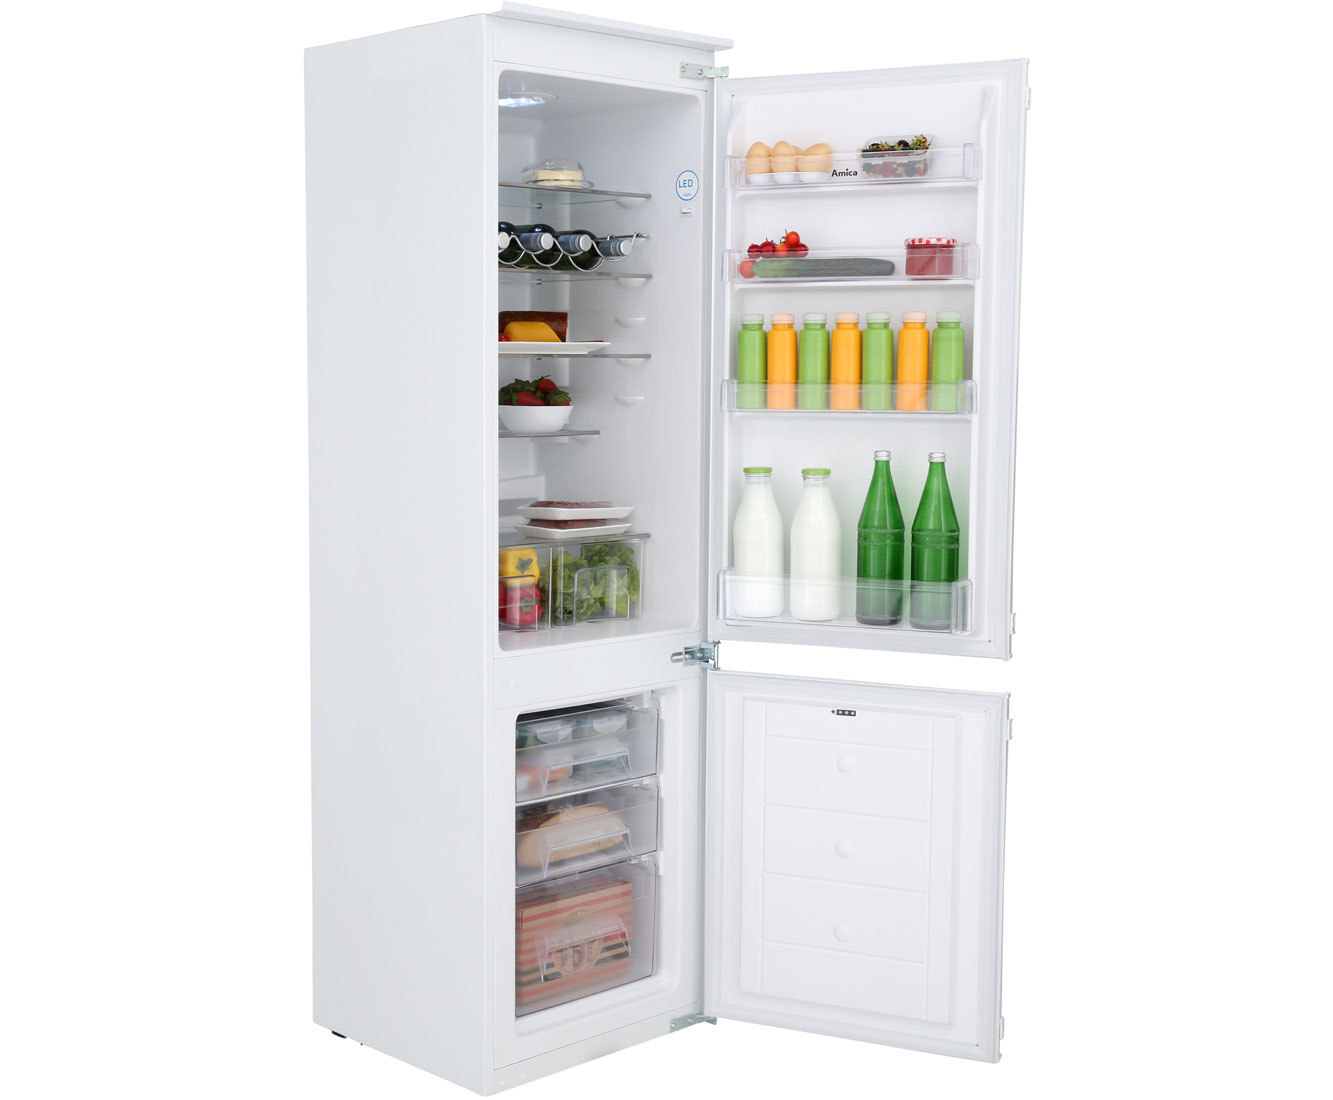 Amica Kühlschrank Türanschlag Wechseln : Amica ekgc einbau kühl gefrierkombination er nische